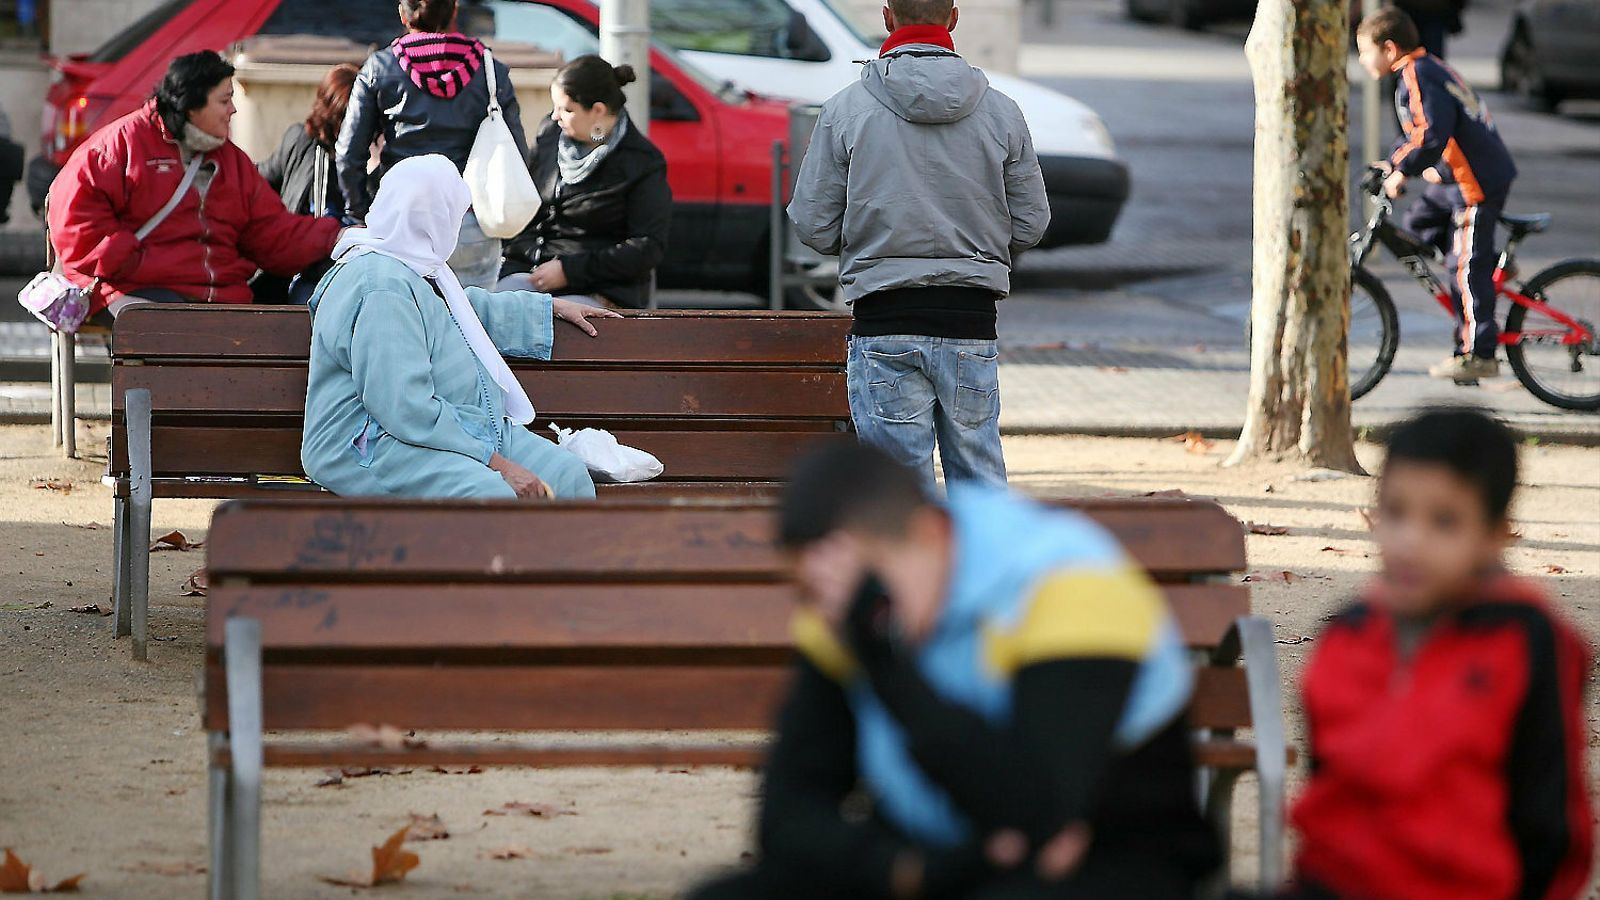 L'Oficina d'Estrangeria de Girona viu un greu col·lapse que denuncien entitats com la Creu Roja i el Col·legi d'Advocats.